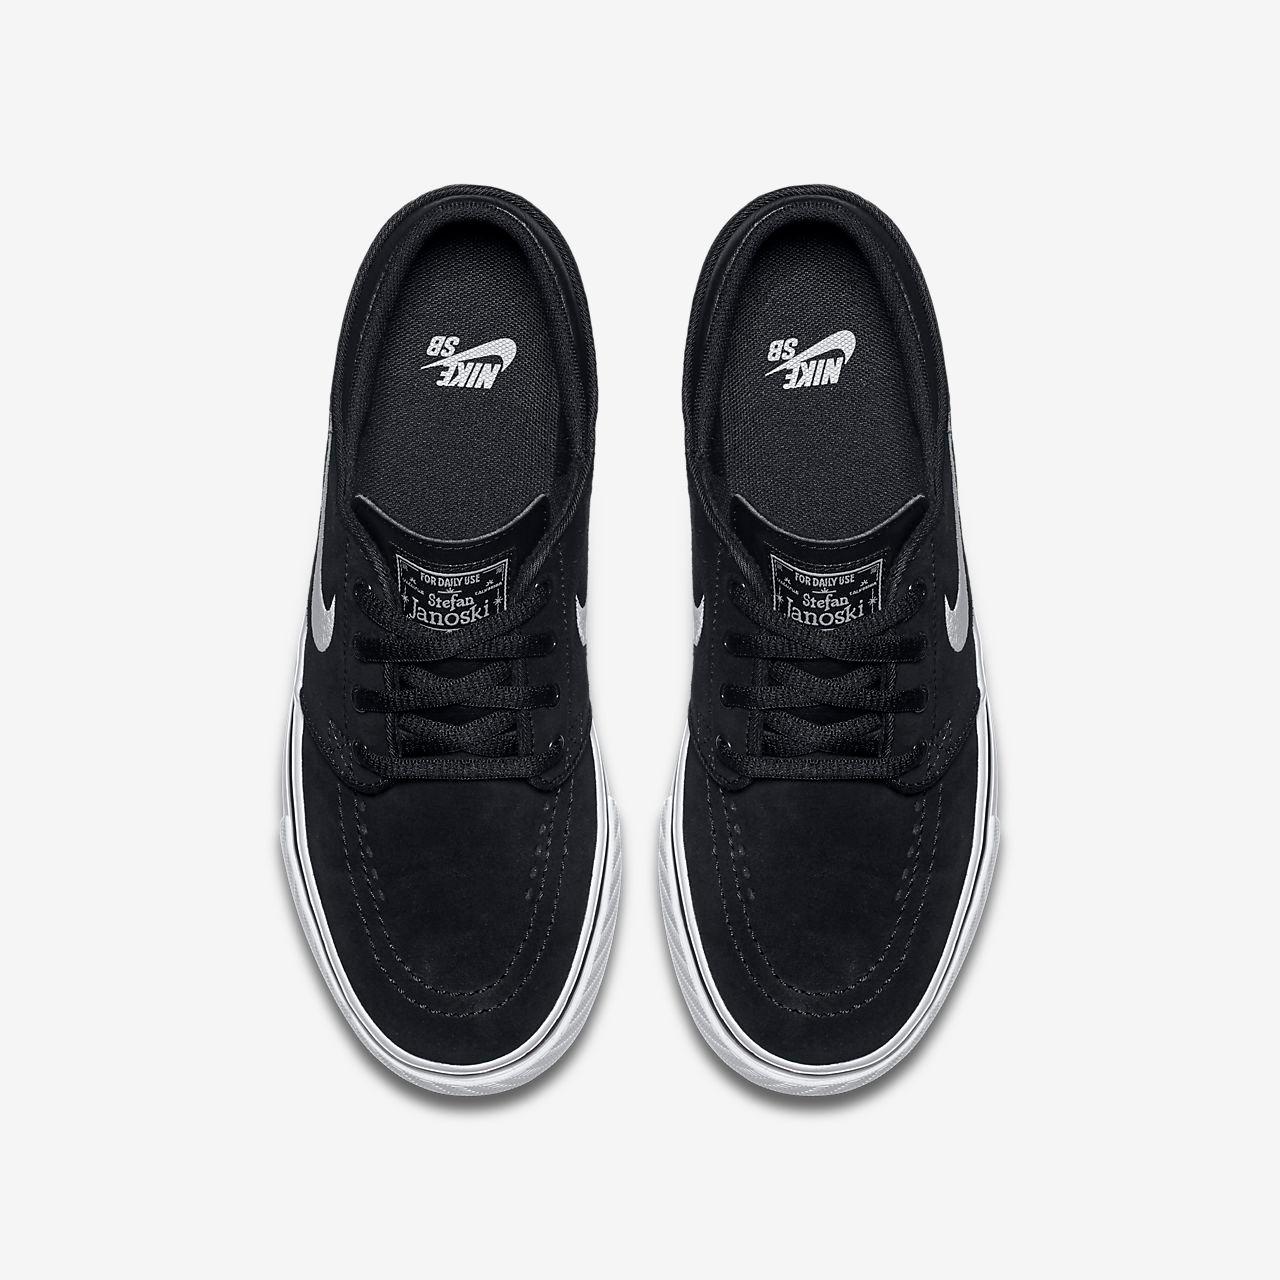 97483fbb93c47 Nike SB Zoom Stefan Janoski Older Kids' Skateboarding Shoe - Black/Gum  Medium Brown/White. Price: £35.95. Image 1. Larger / More Photos